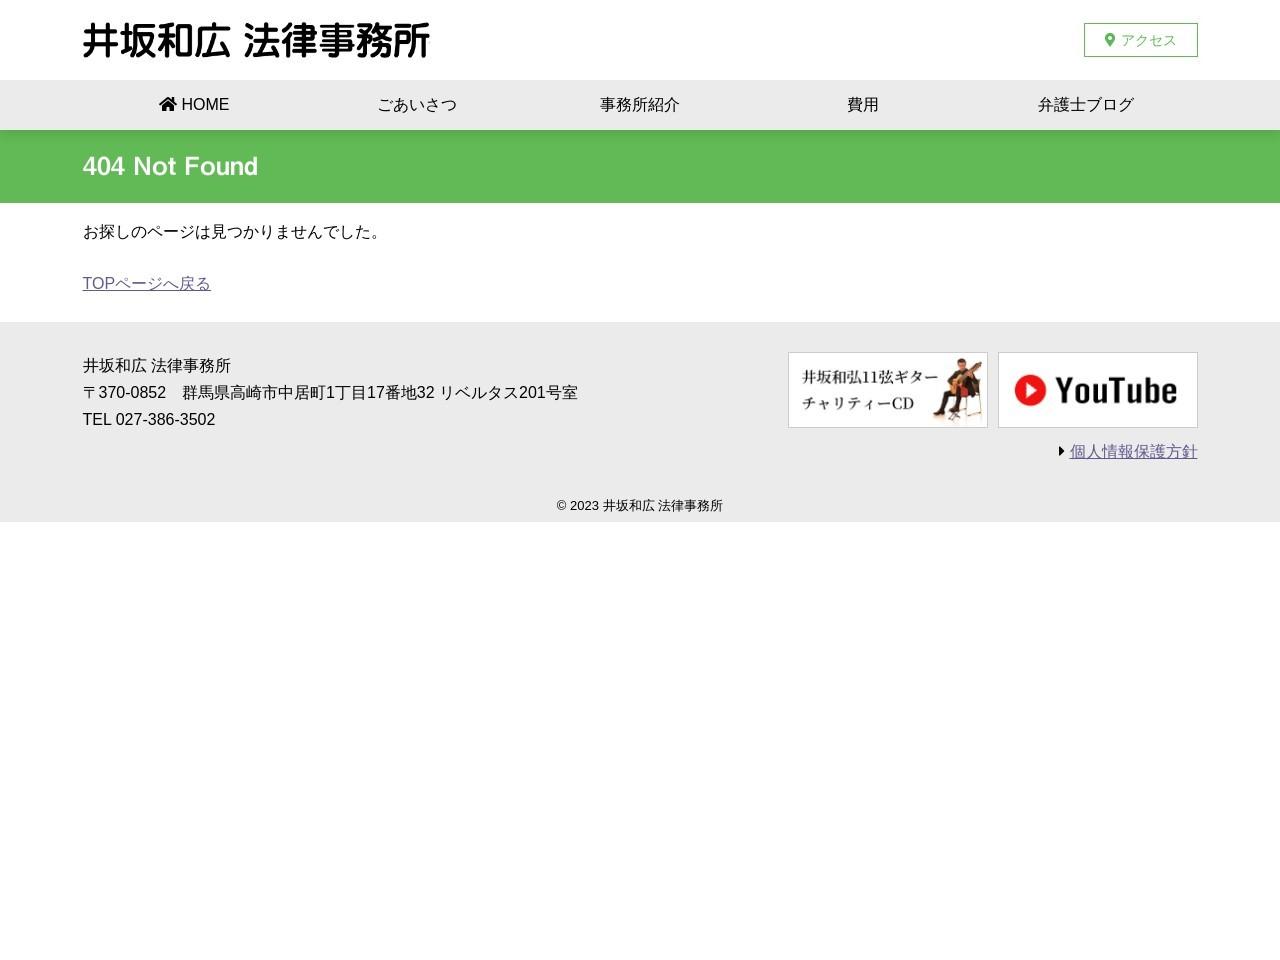 井坂法律事務所(弁護士法人)